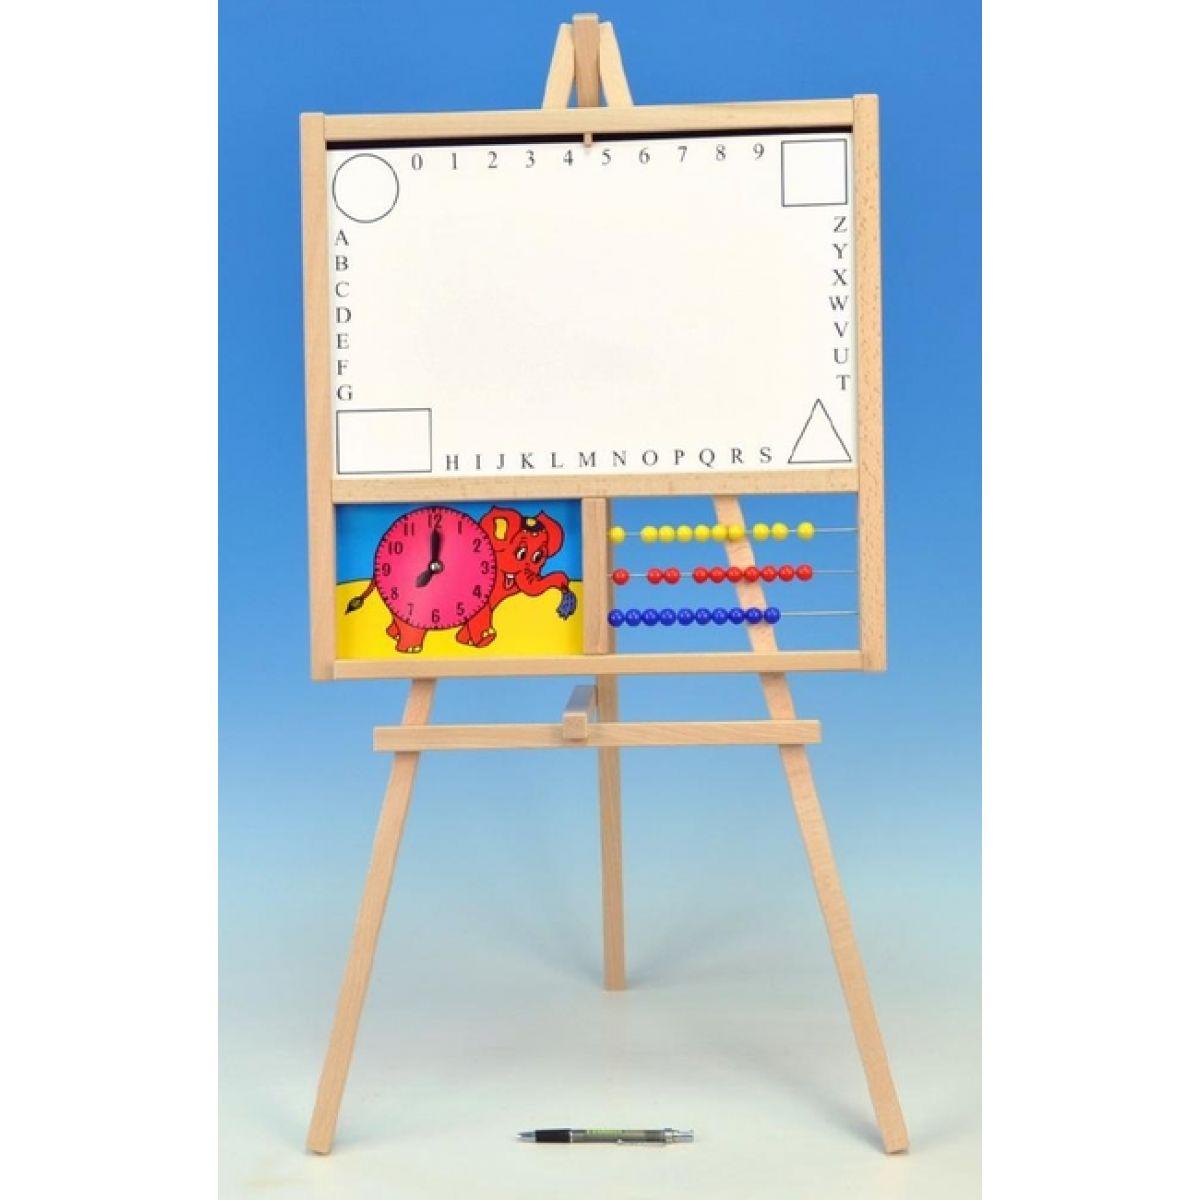 Teddies 71005 - Tabule školní magnetická i pro psaní na fólii s počítadlem a hodinami dřevo 88x44cm